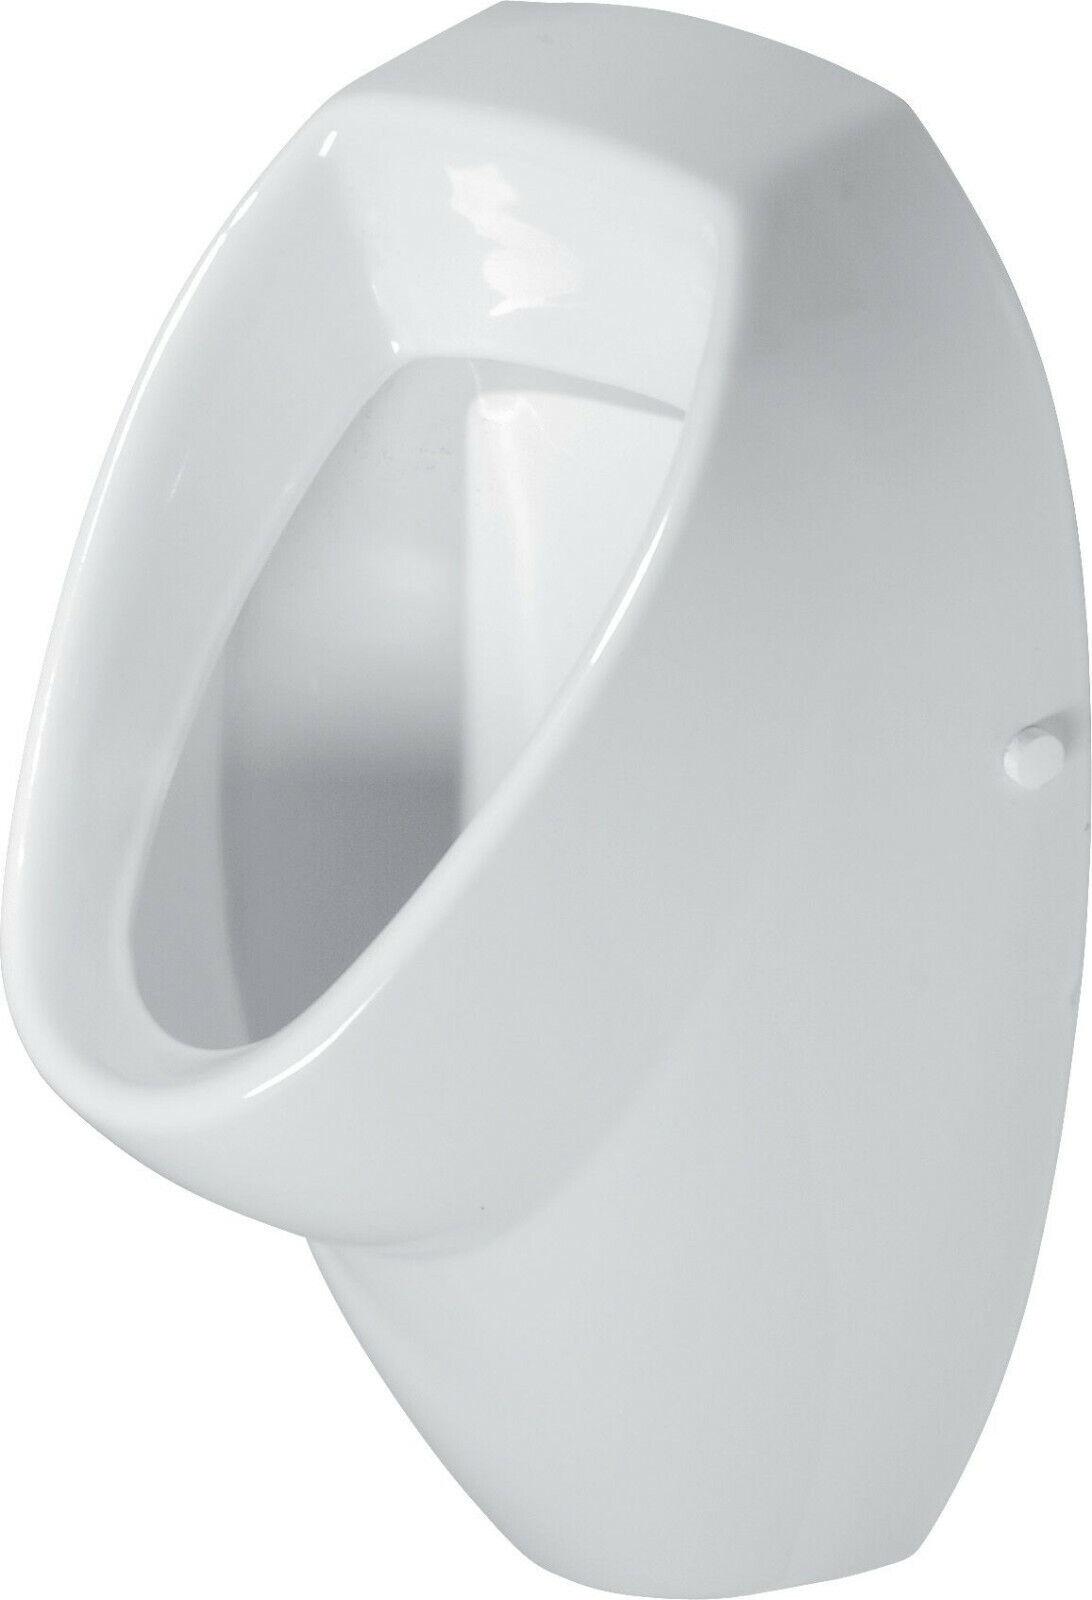 2x Abdeckung für Urinal Wandhängend Pissoir Pinkelbecken Steh WC Urinalabdeckung